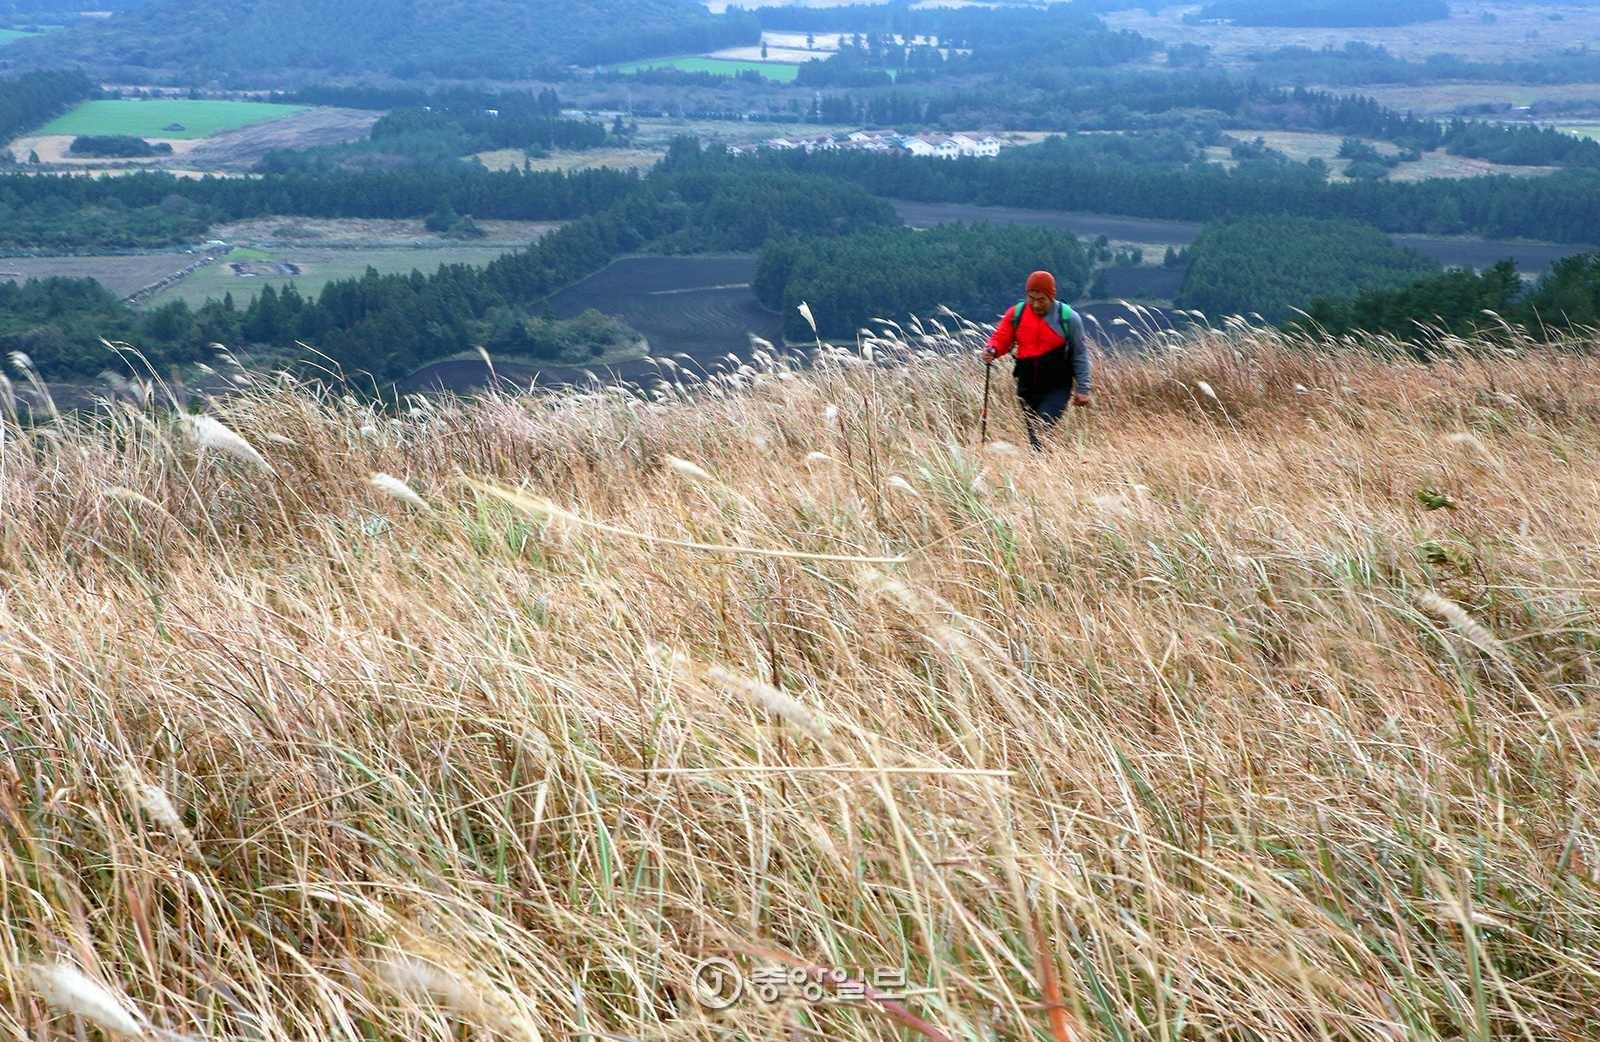 따라비오름 능선의 억새밭. 어른이 파묻힐 정도로 키가 크다.